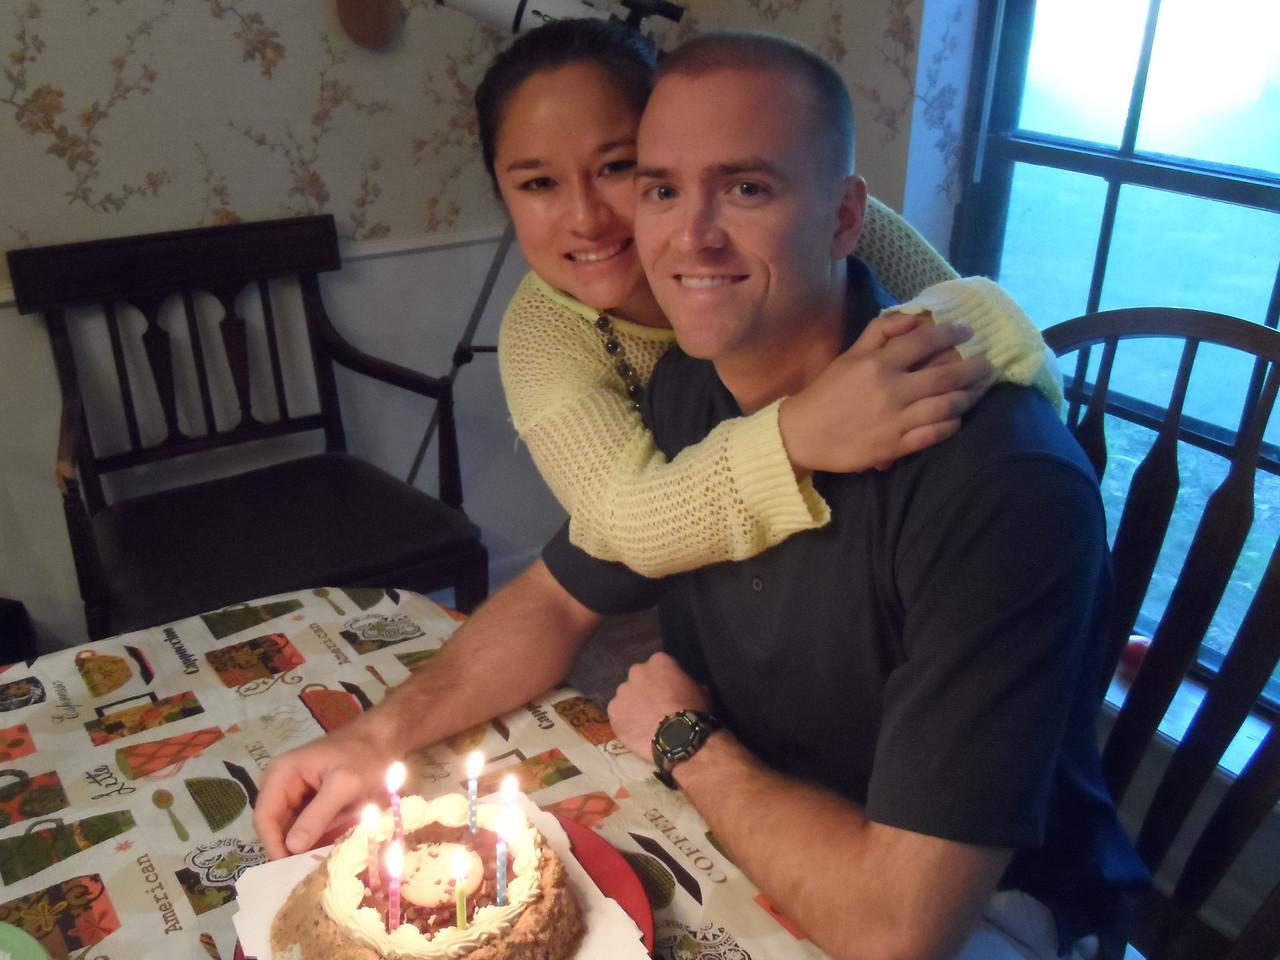 Luke and his sweet wife, Tiffany, ponder Luke's birthday wish.